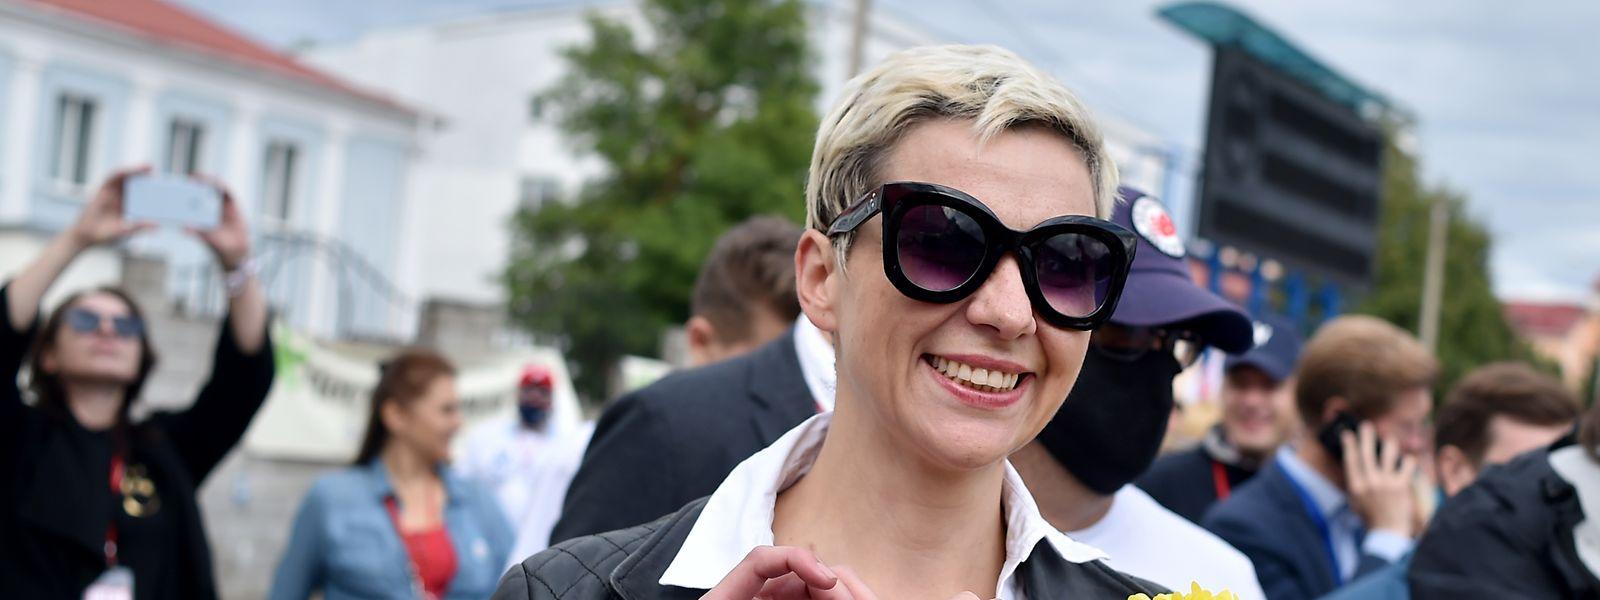 Zwei Tage lang fehlte von Maria Kolesnikowa jede Spur.